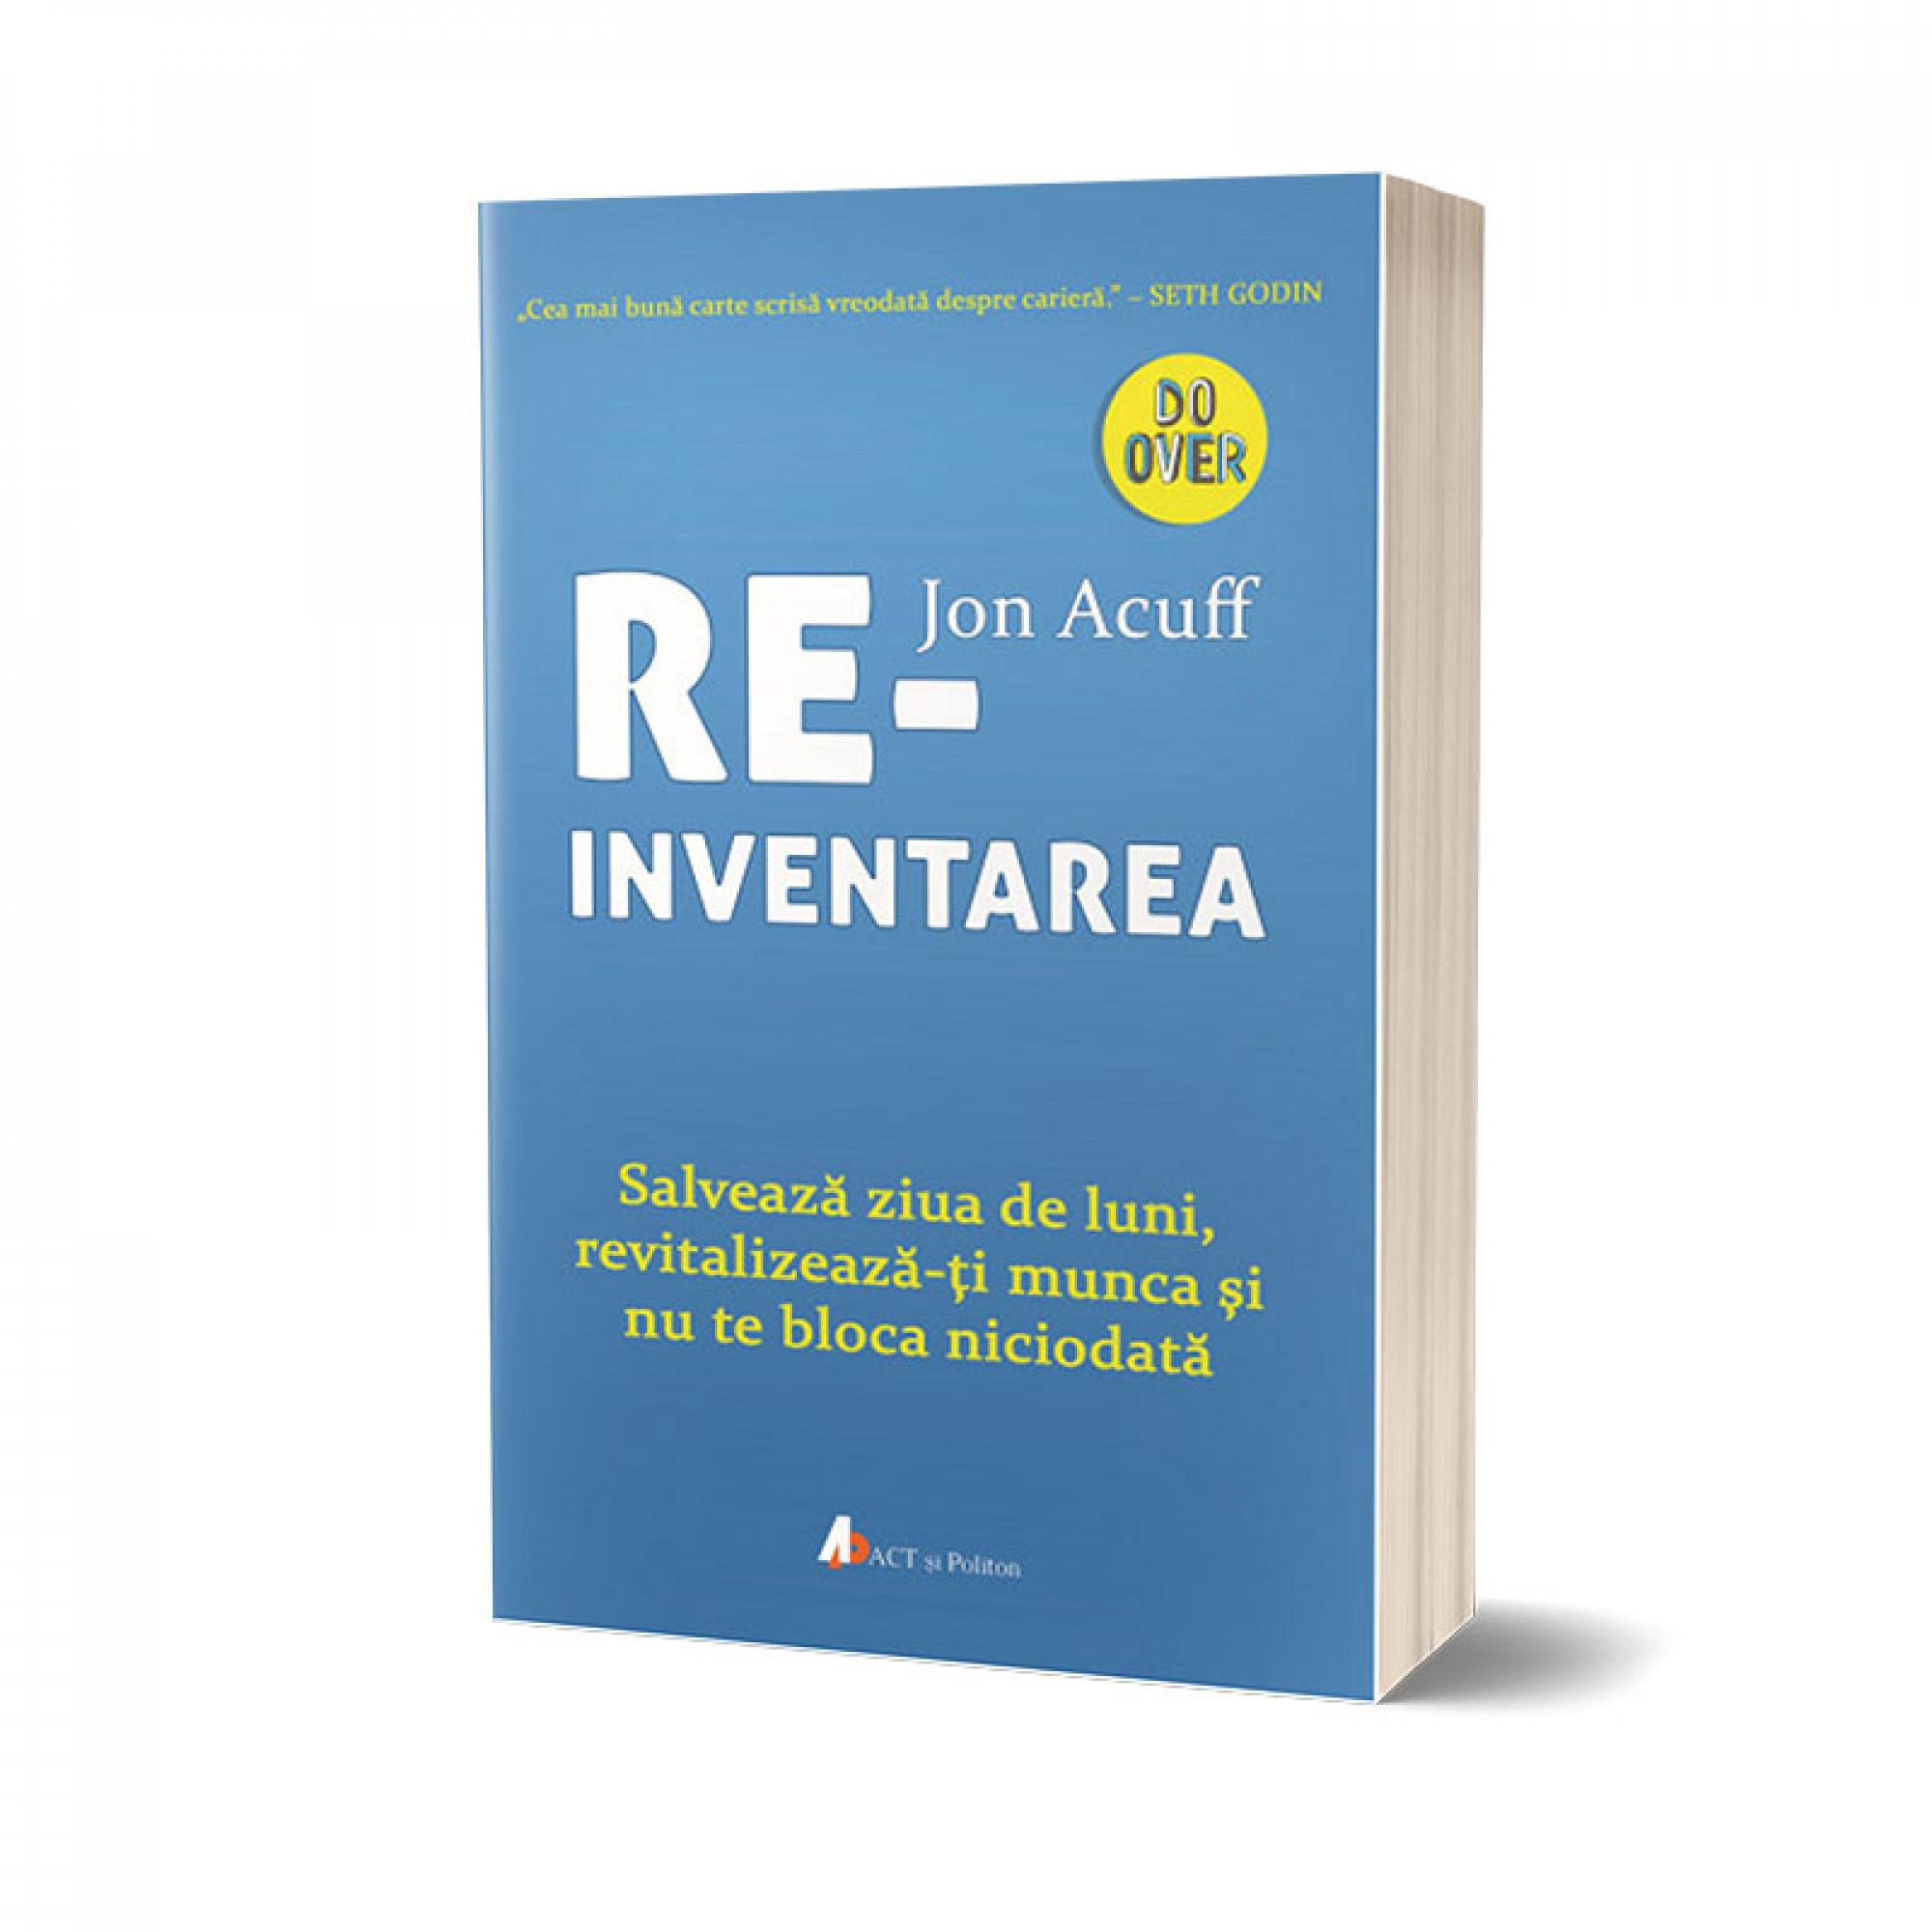 Reinventarea